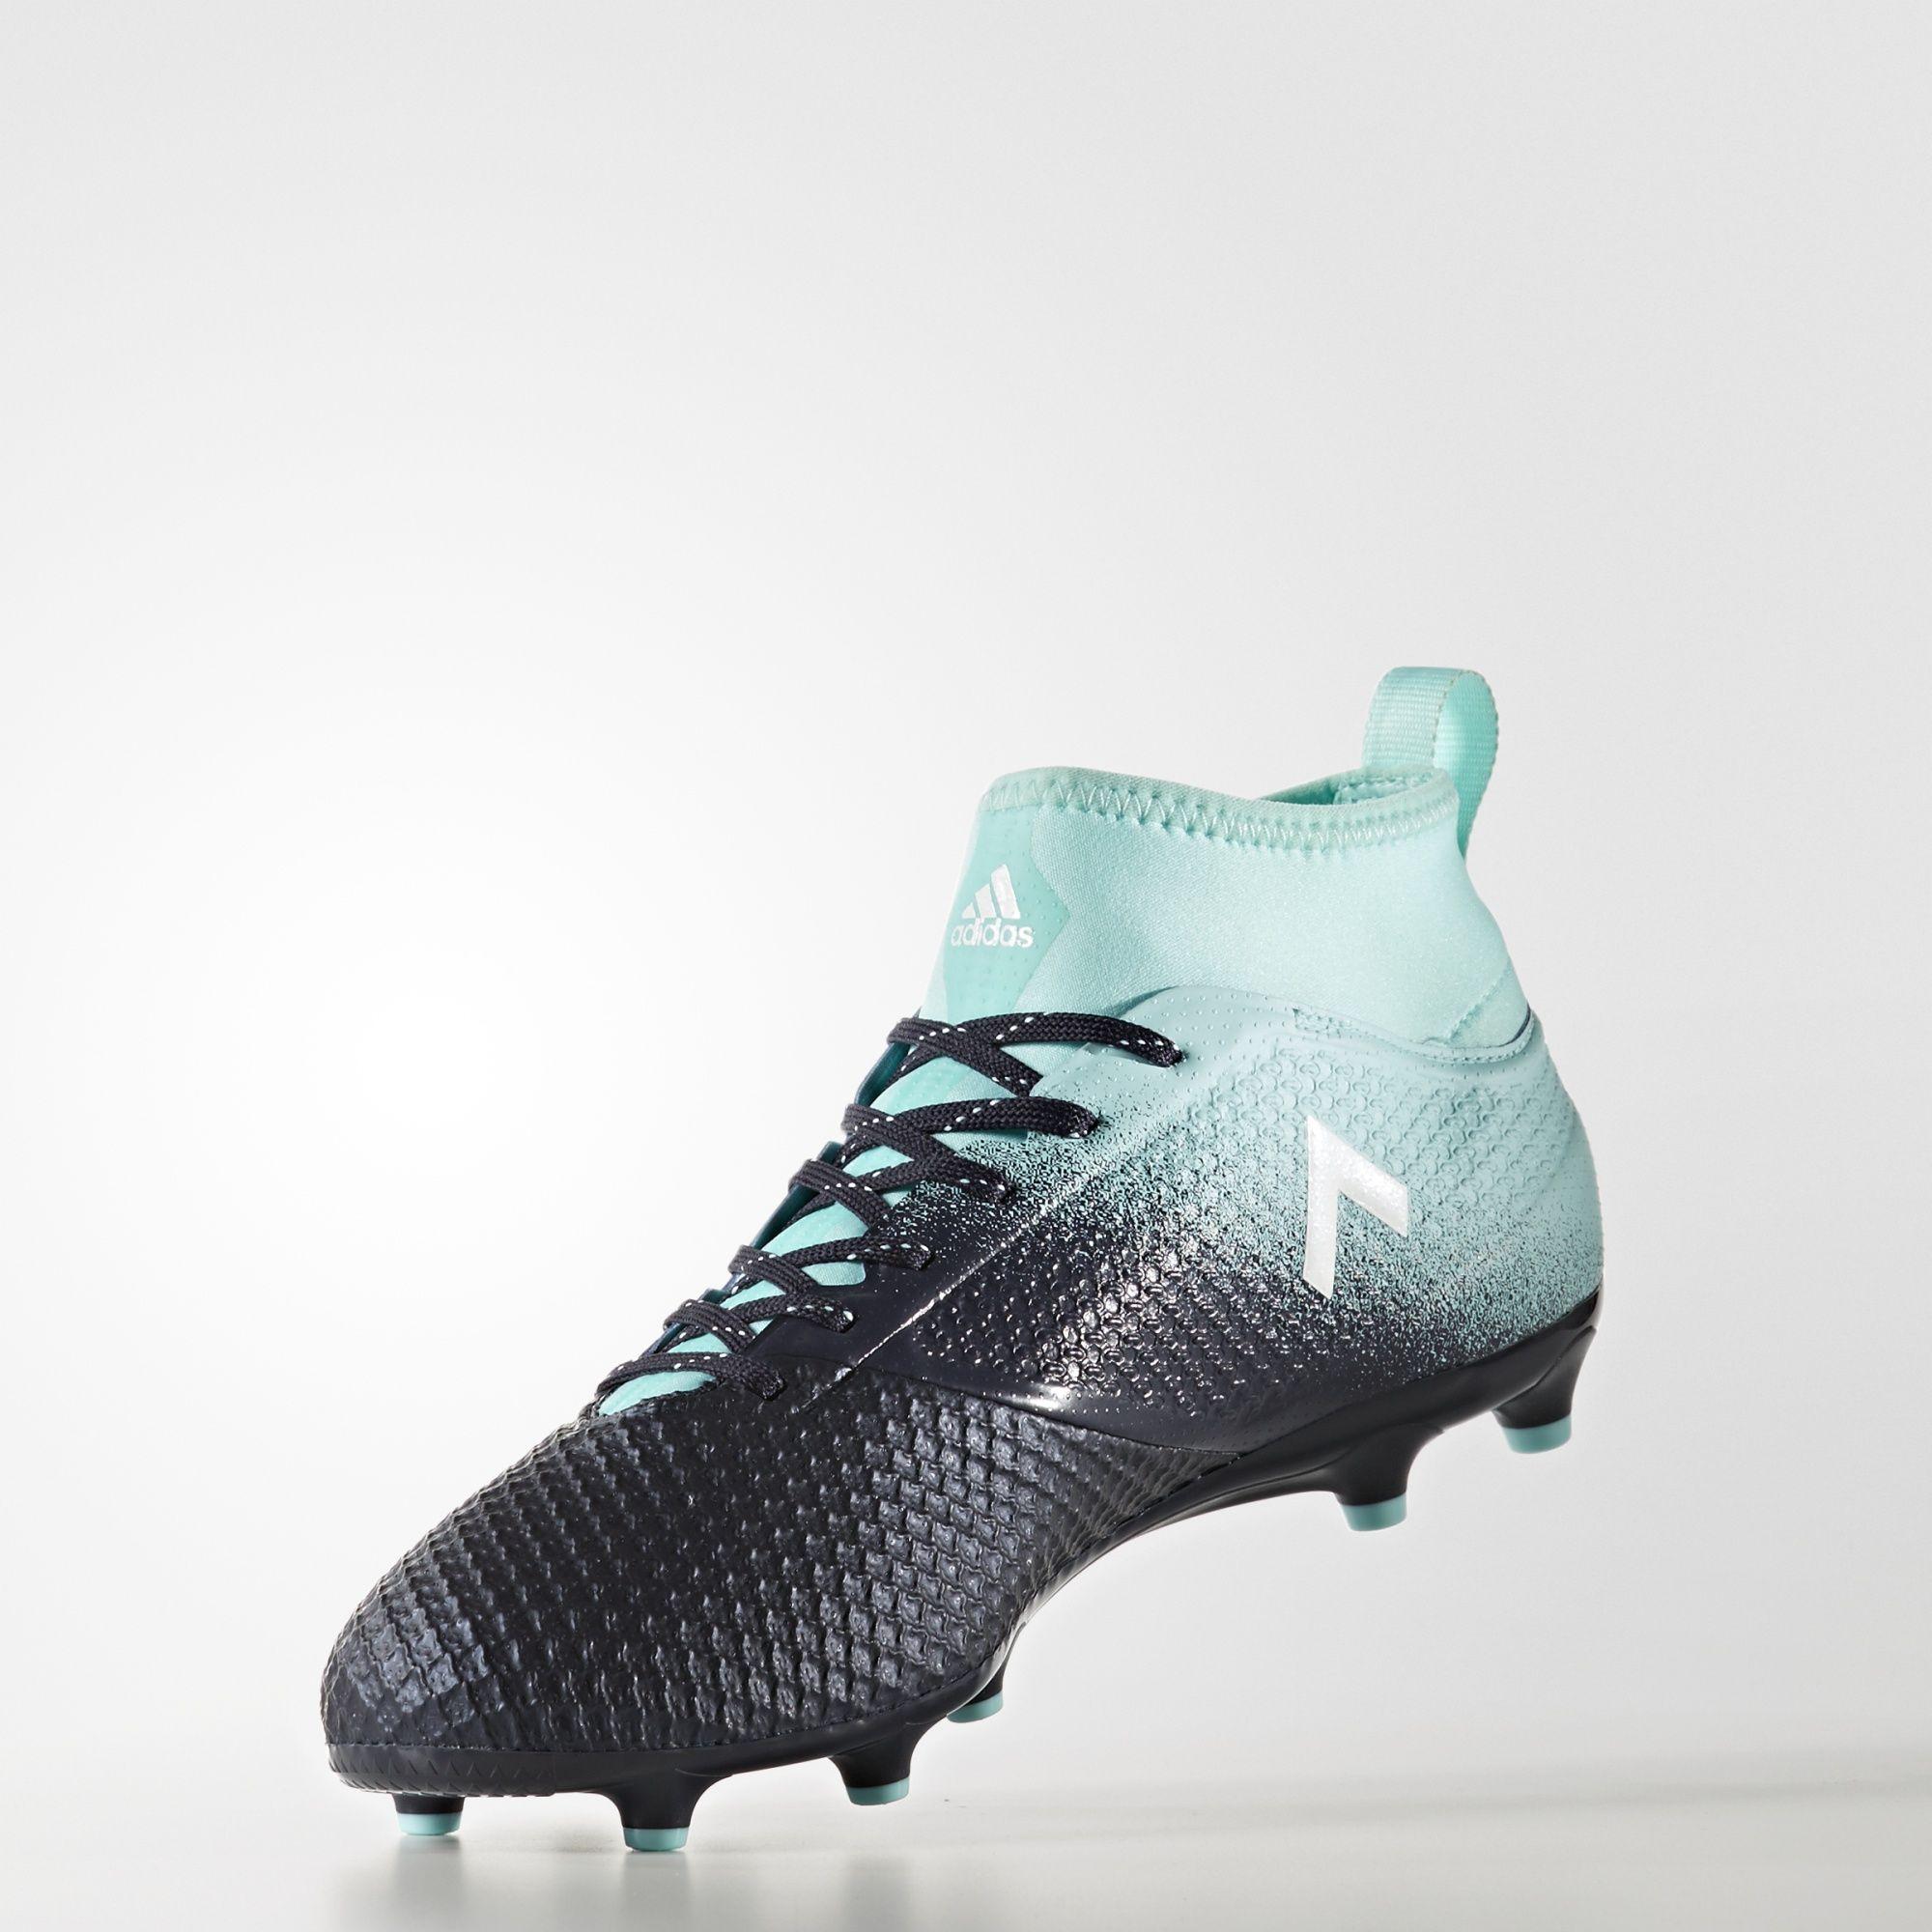 scarpe da calcio adidas ace 17.3 bambino